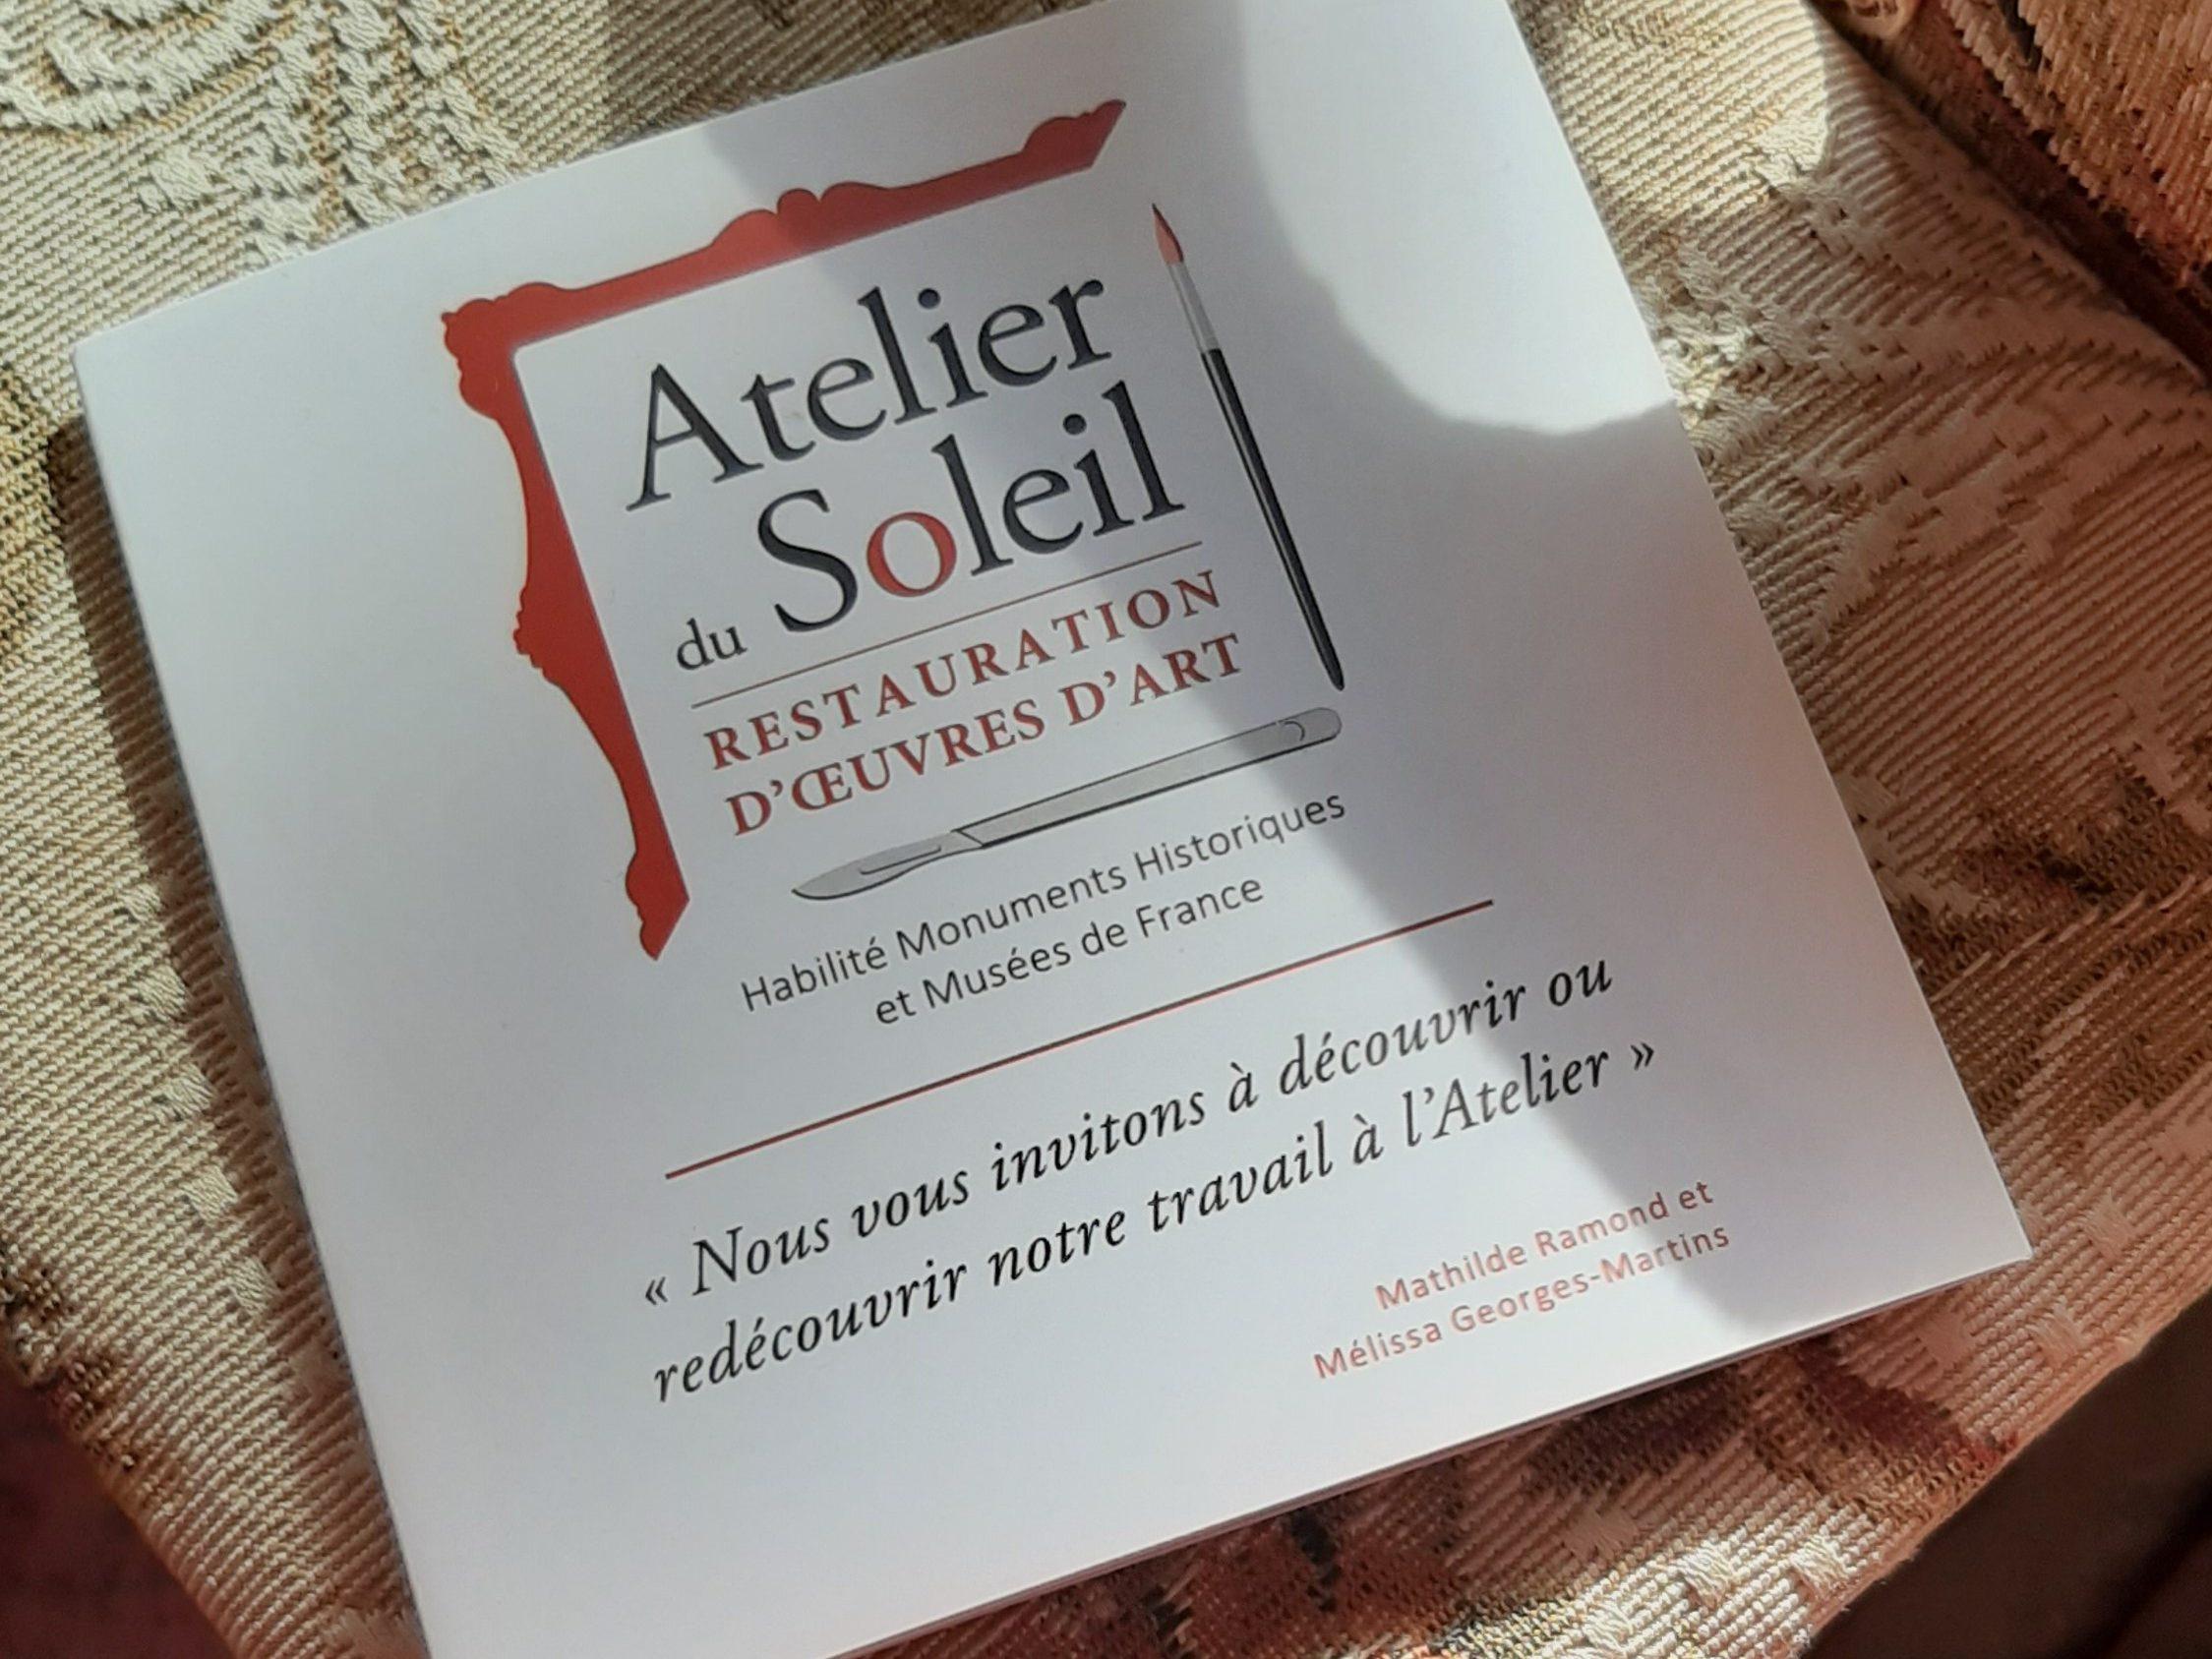 Photo Ateliers du Soleil